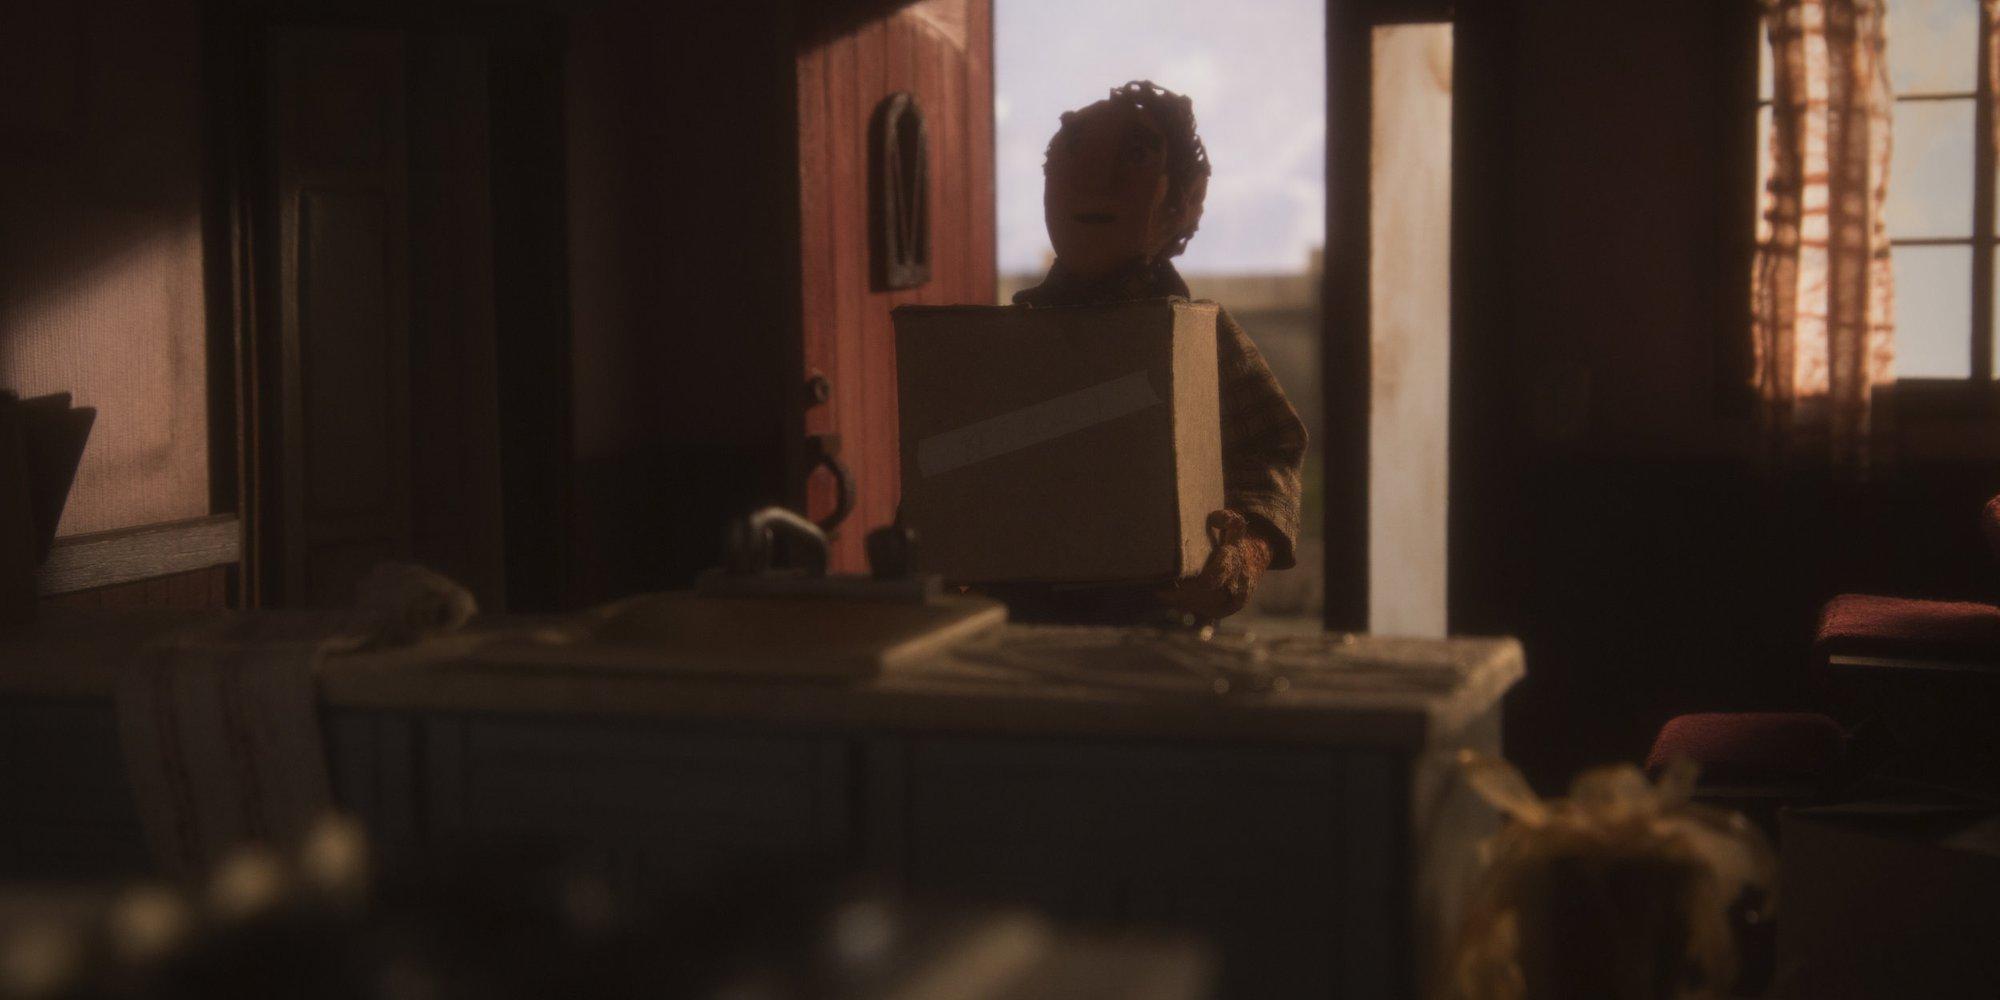 Deady Freddy - Short Film